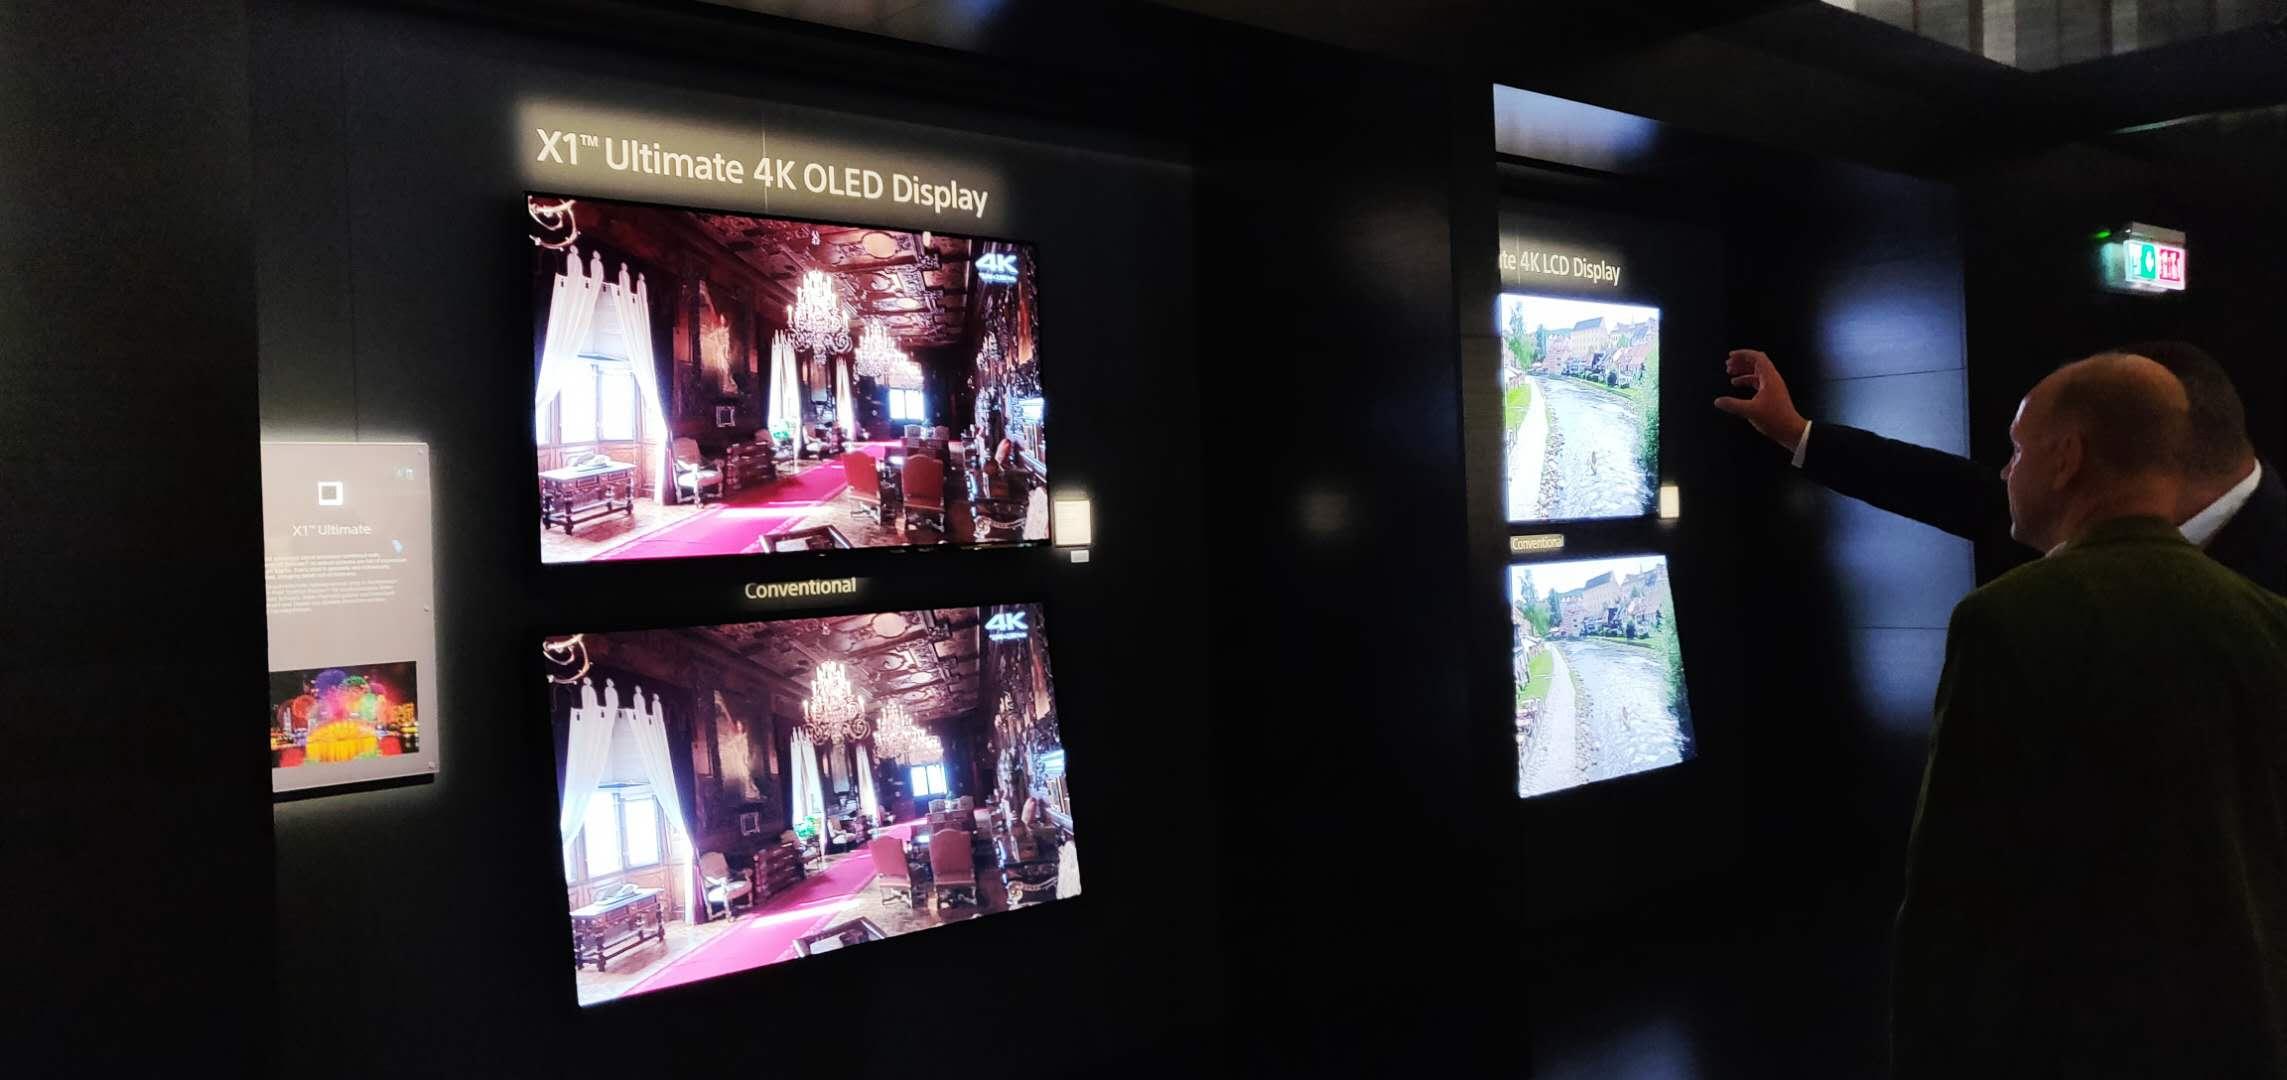 索尼在电视方面尝到了OLED的甜头,依然主打X1 OLED。